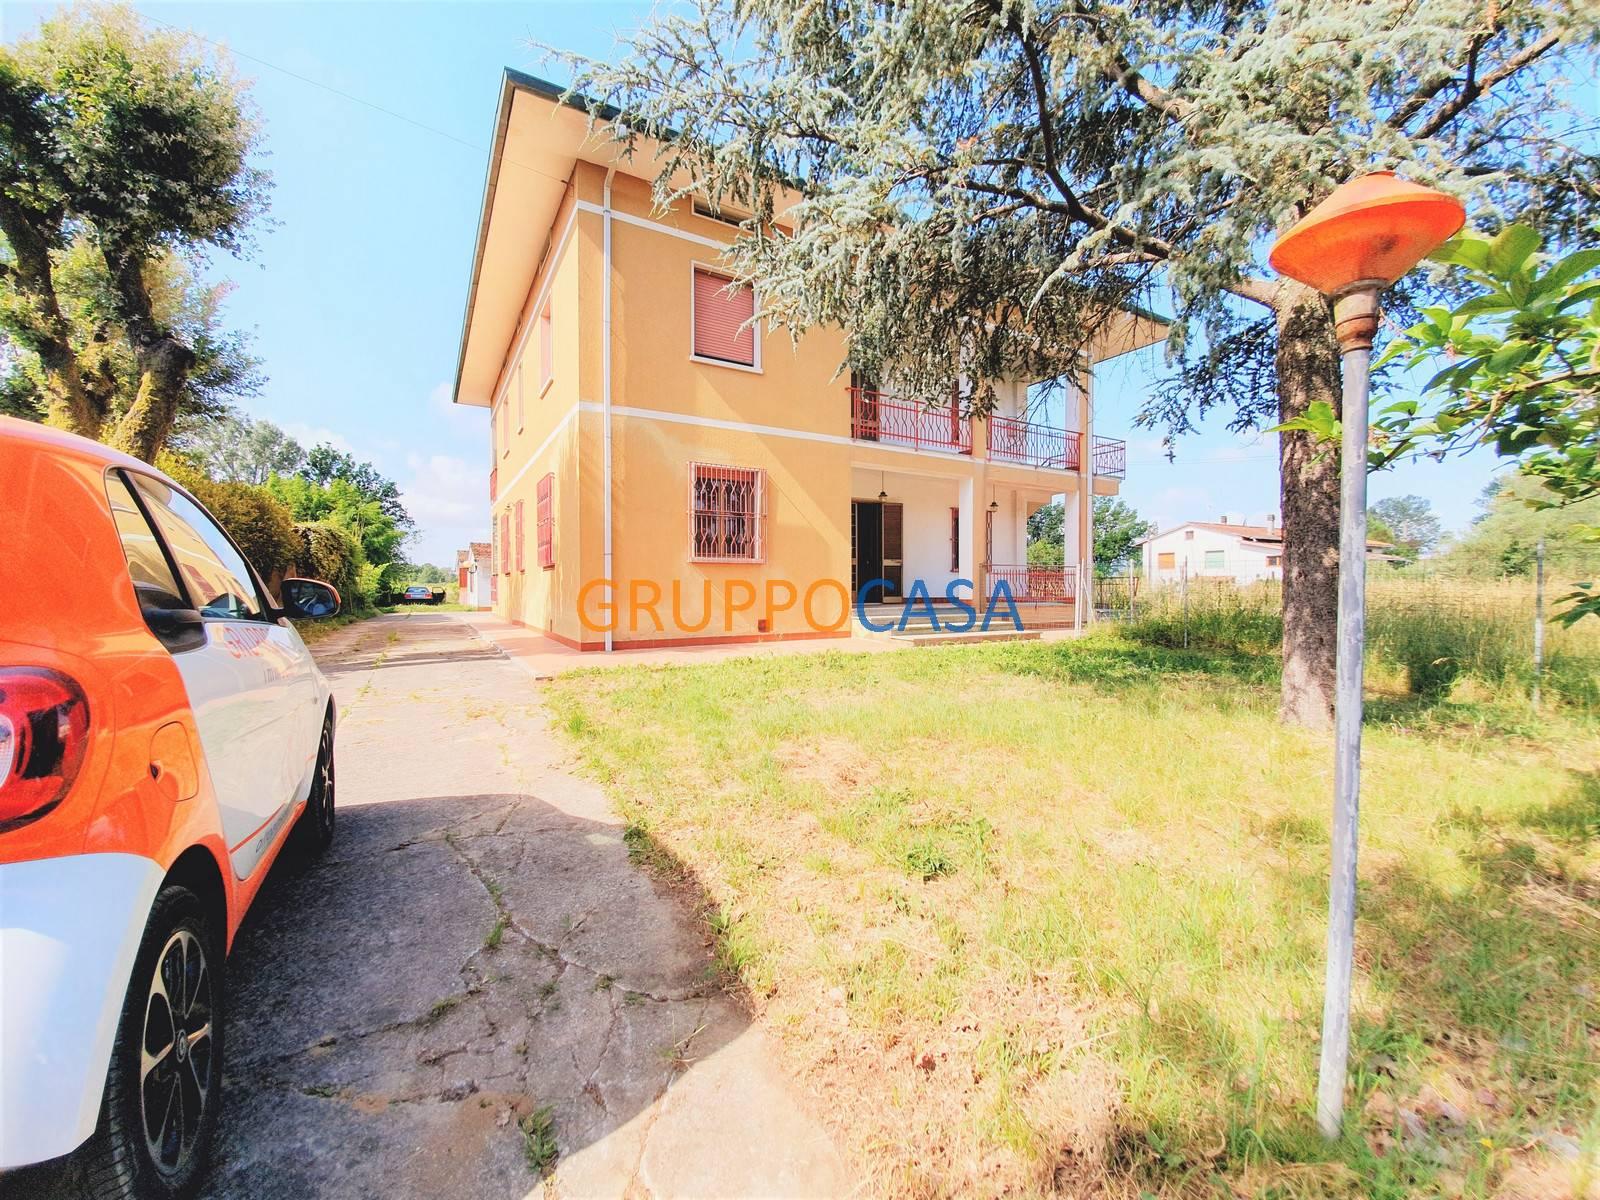 Appartamento in vendita a Fucecchio, 5 locali, zona ce, prezzo € 169.000 | PortaleAgenzieImmobiliari.it